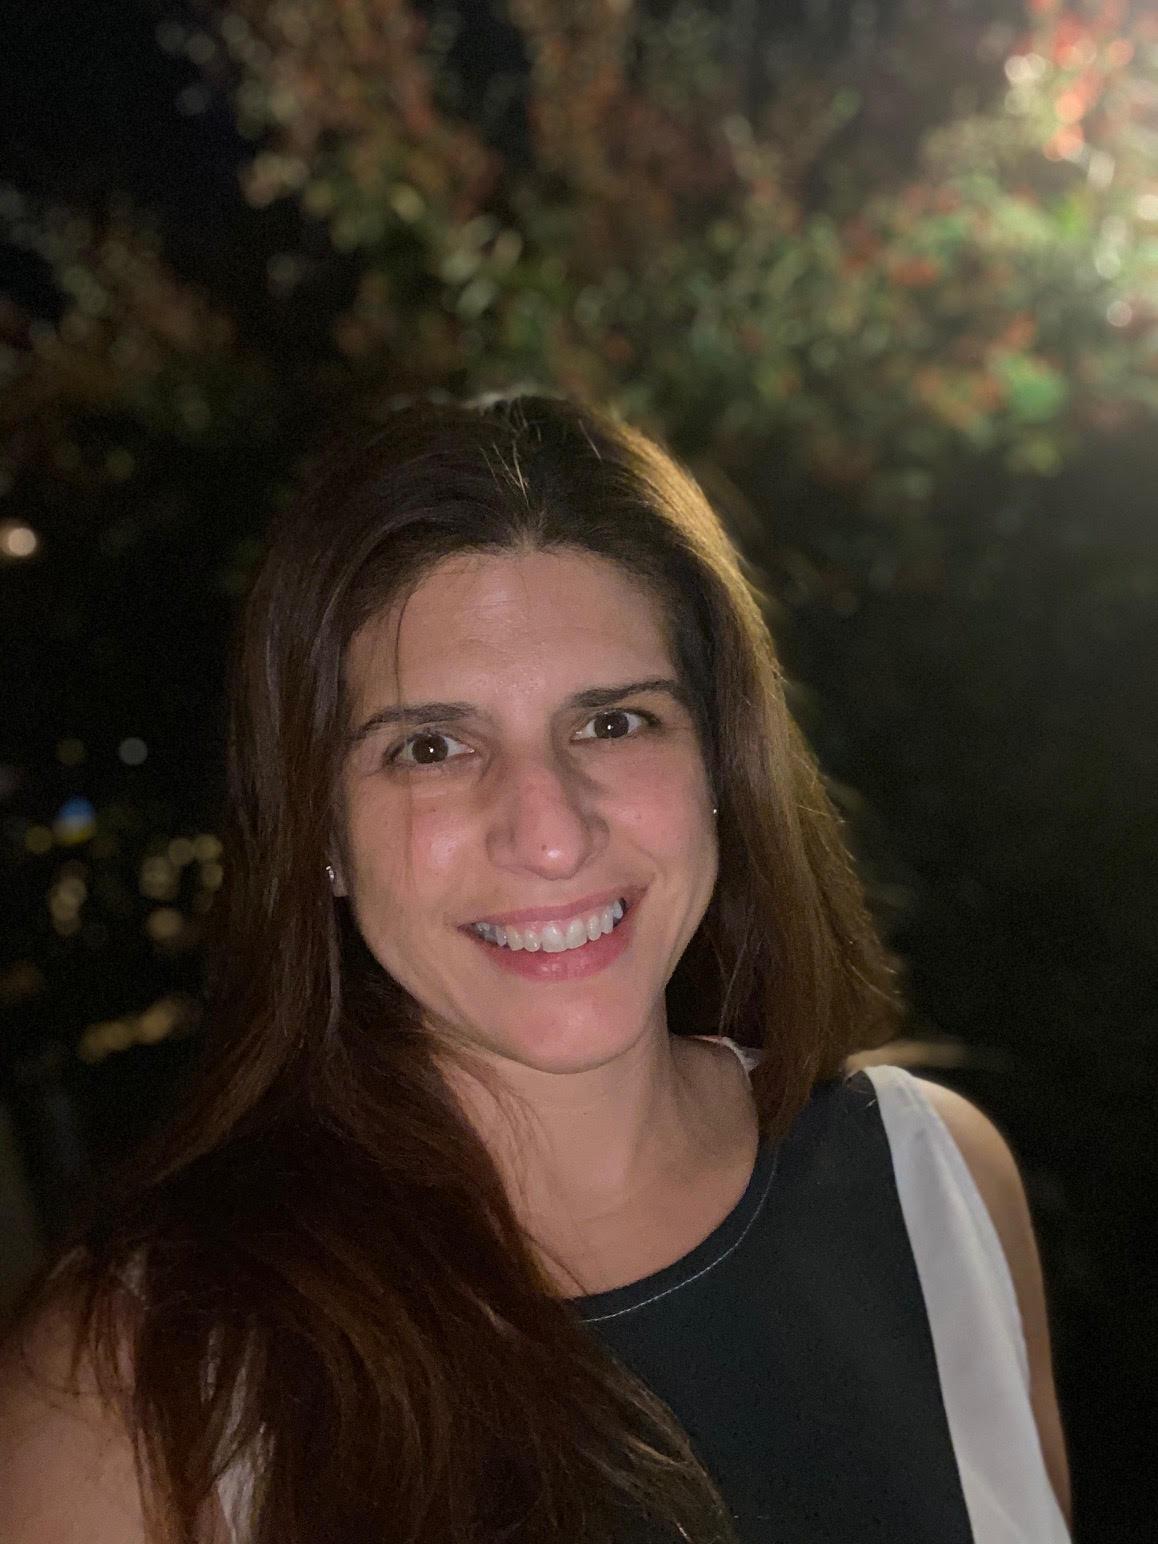 ~ Laura, Argentina